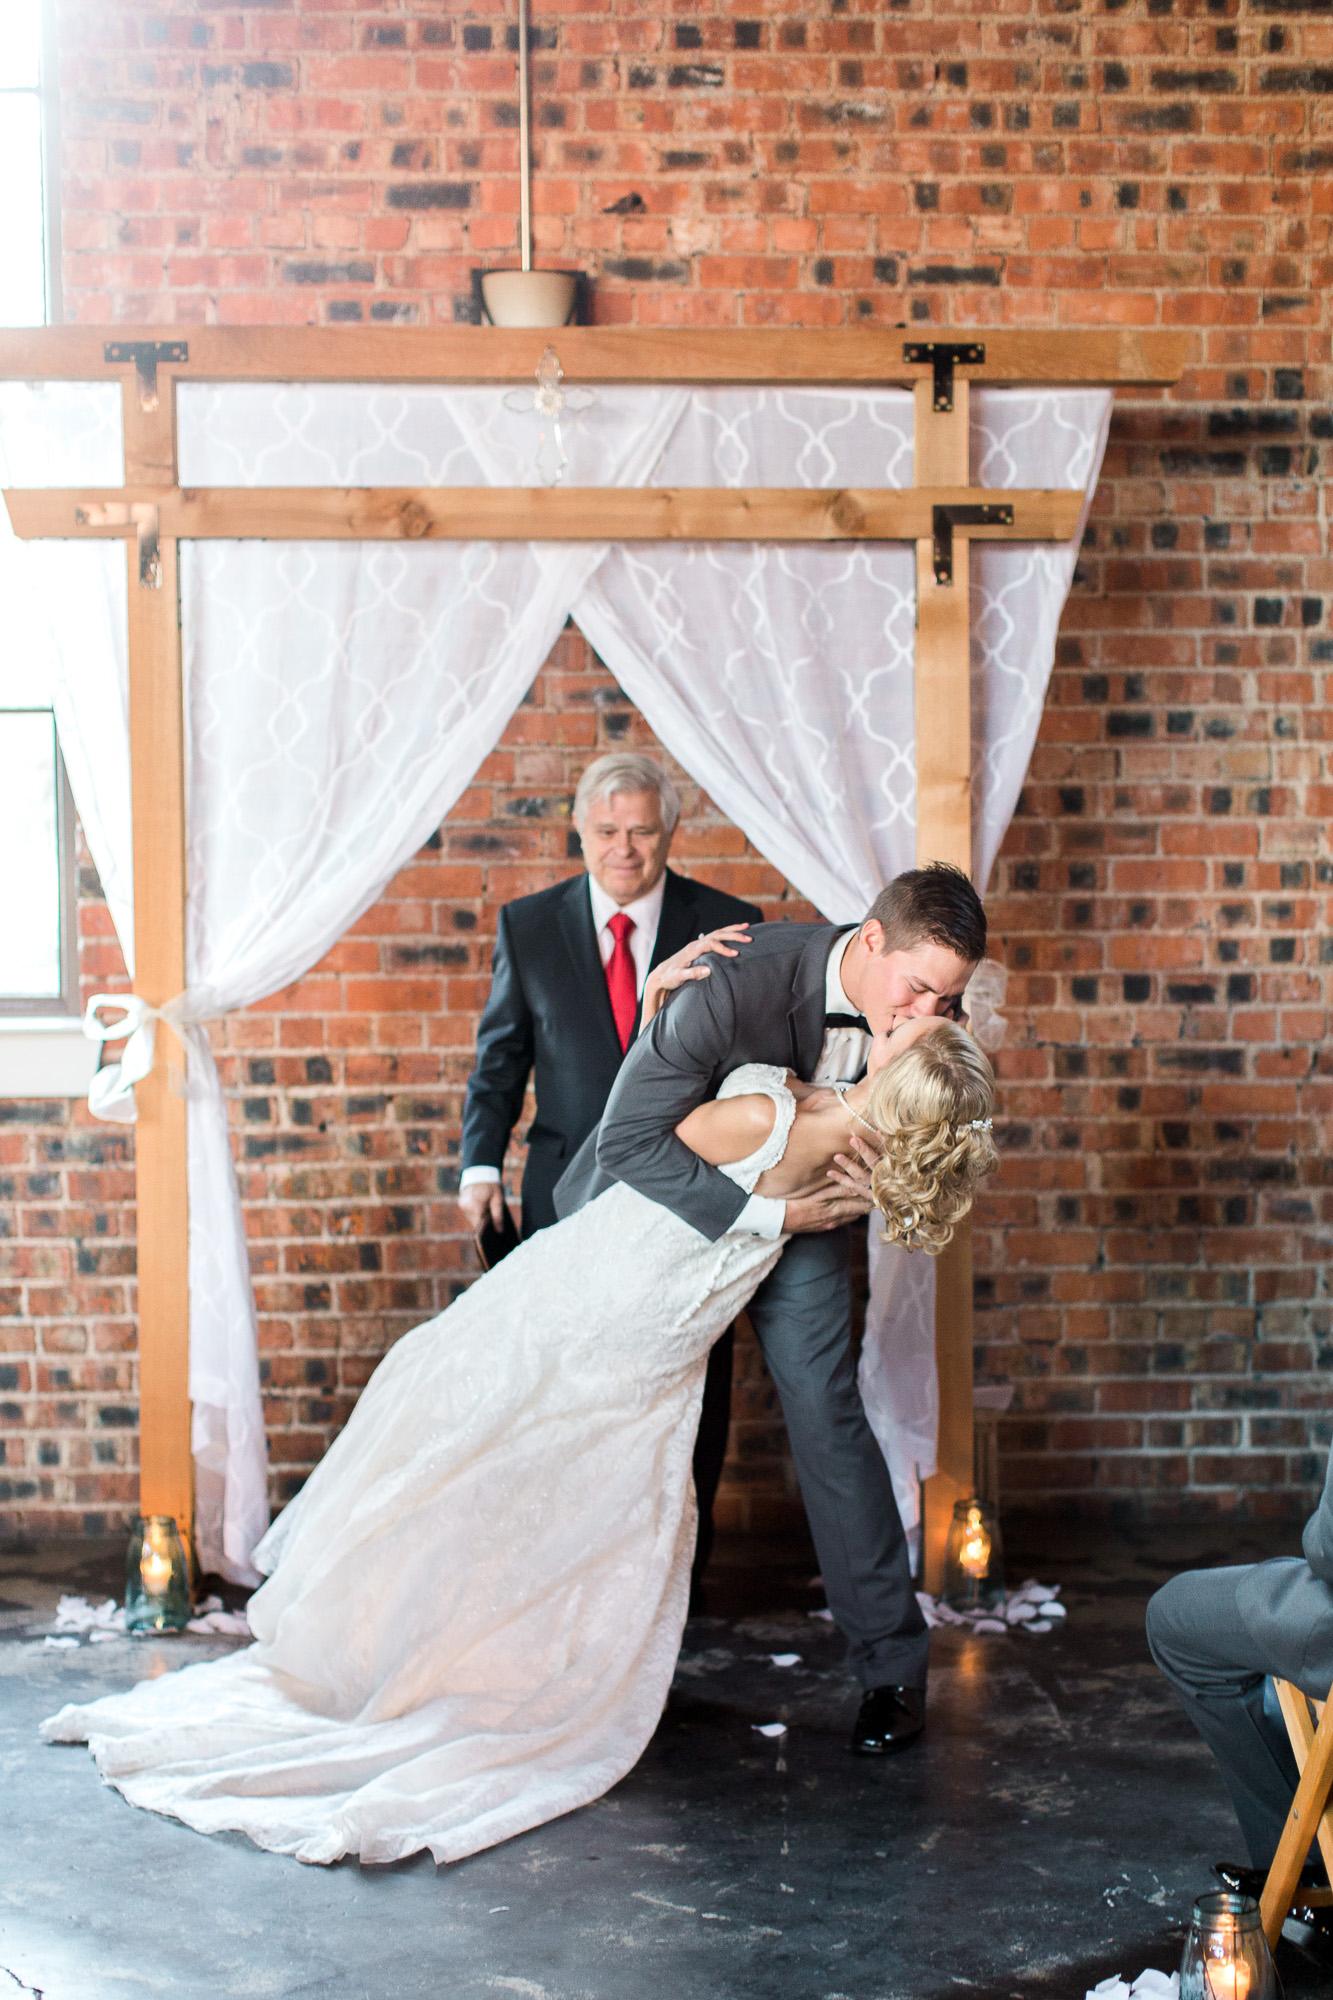 5f1f8-downtown-bryan-weddingdowntown-bryan-wedding.jpg